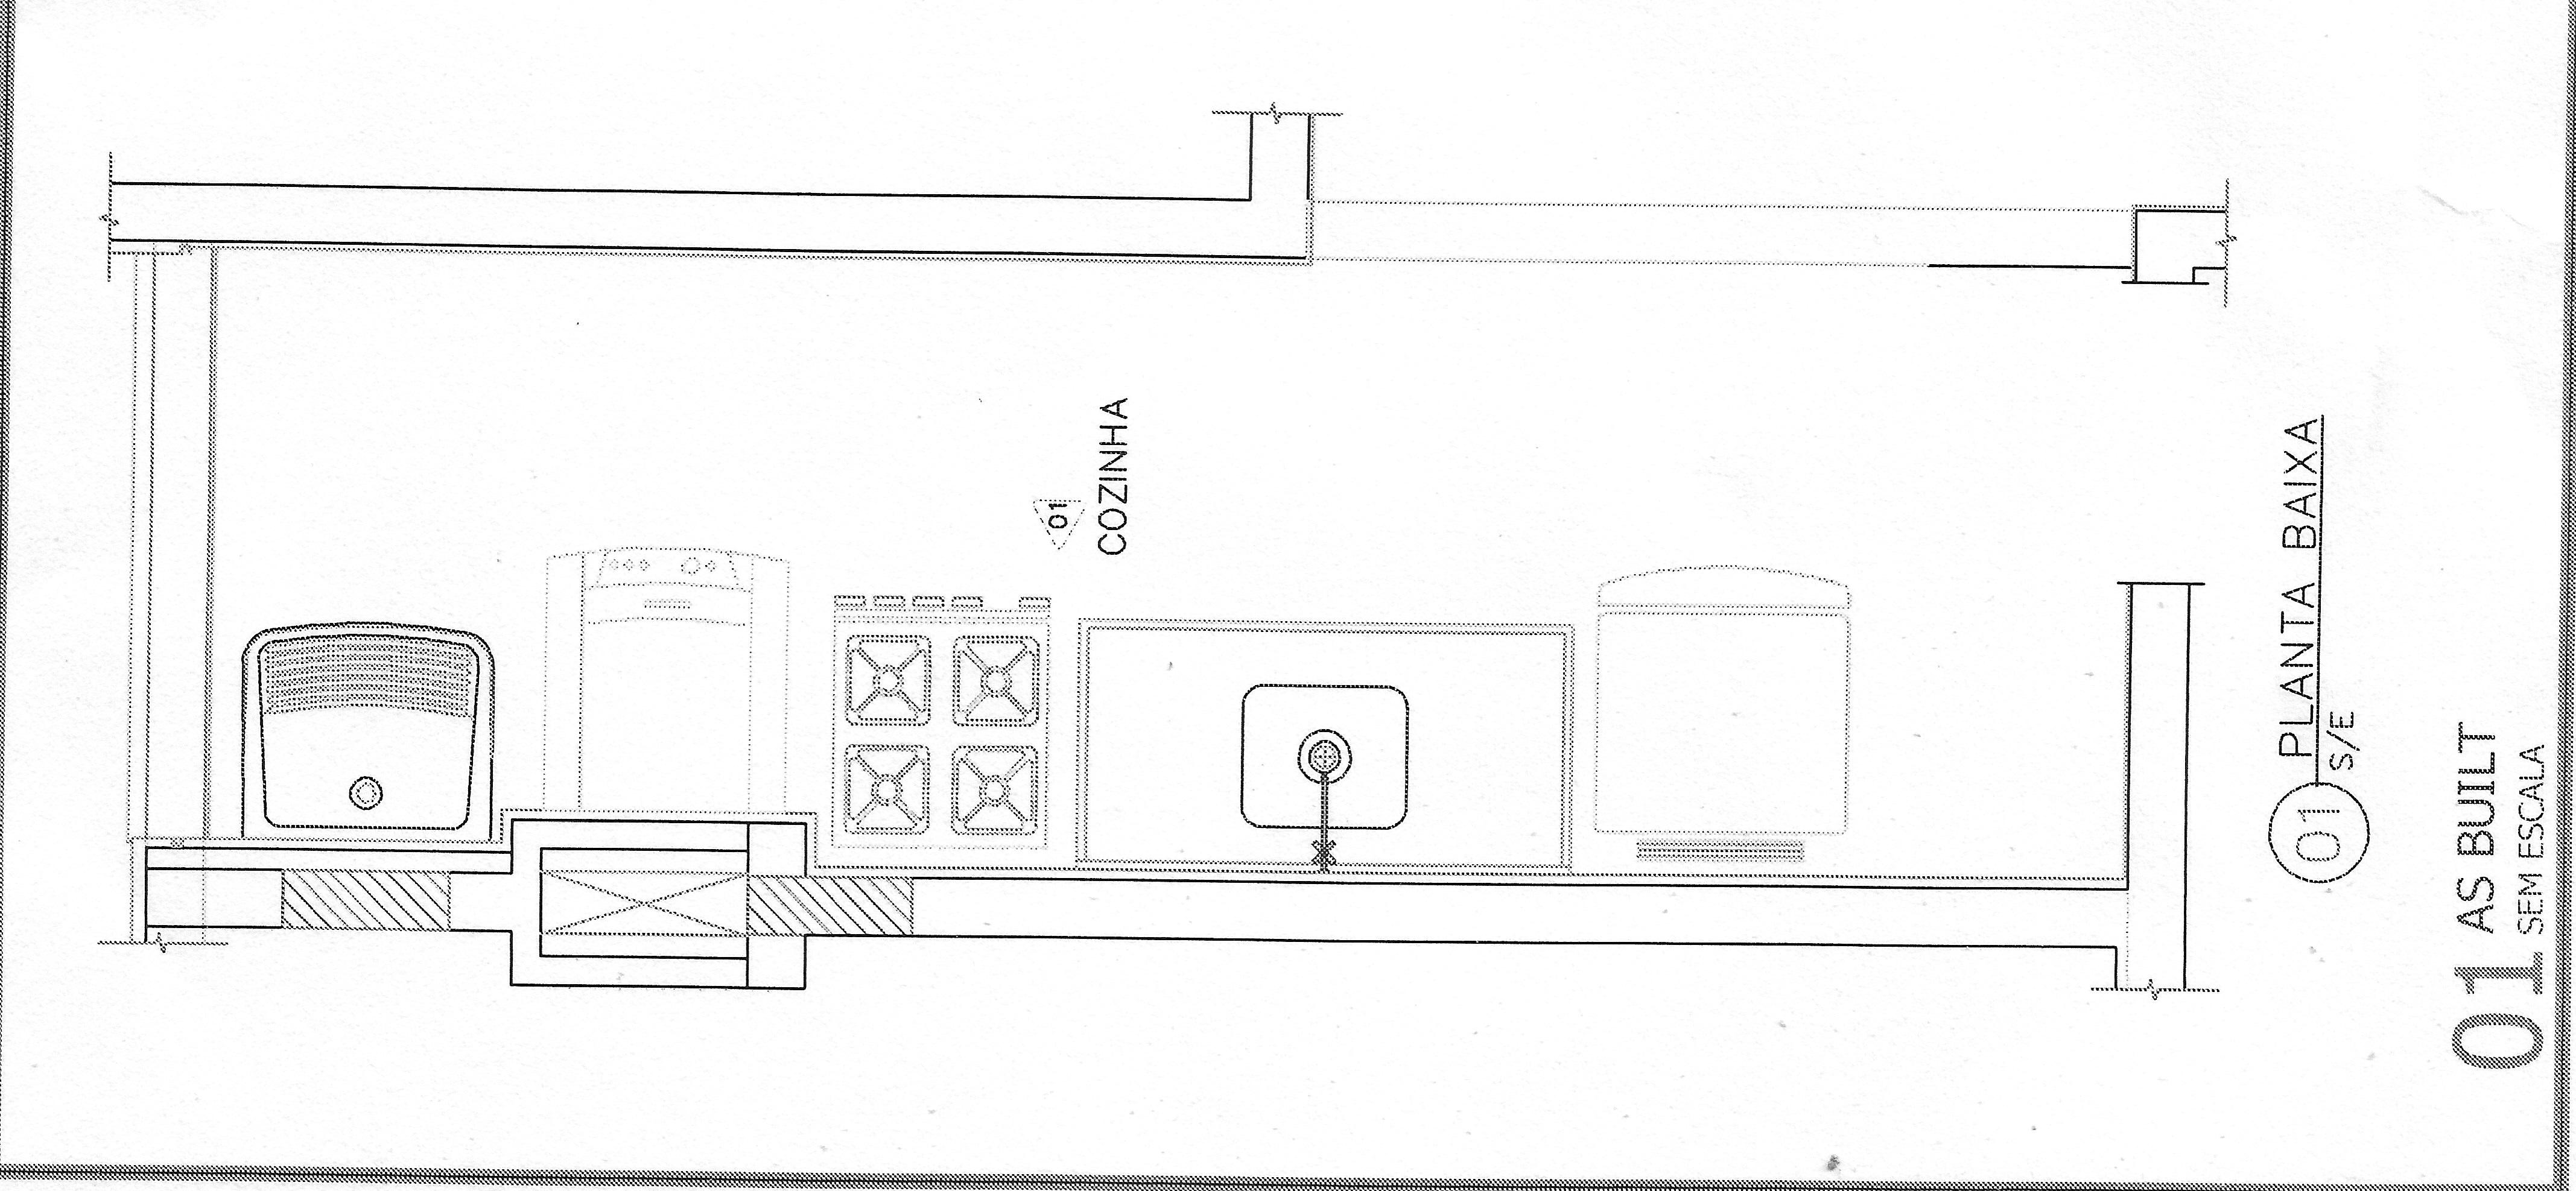 Apartamento Planejado 3 Quartos Acordo Coletivo (Petroleiros  #666666 4270 1975